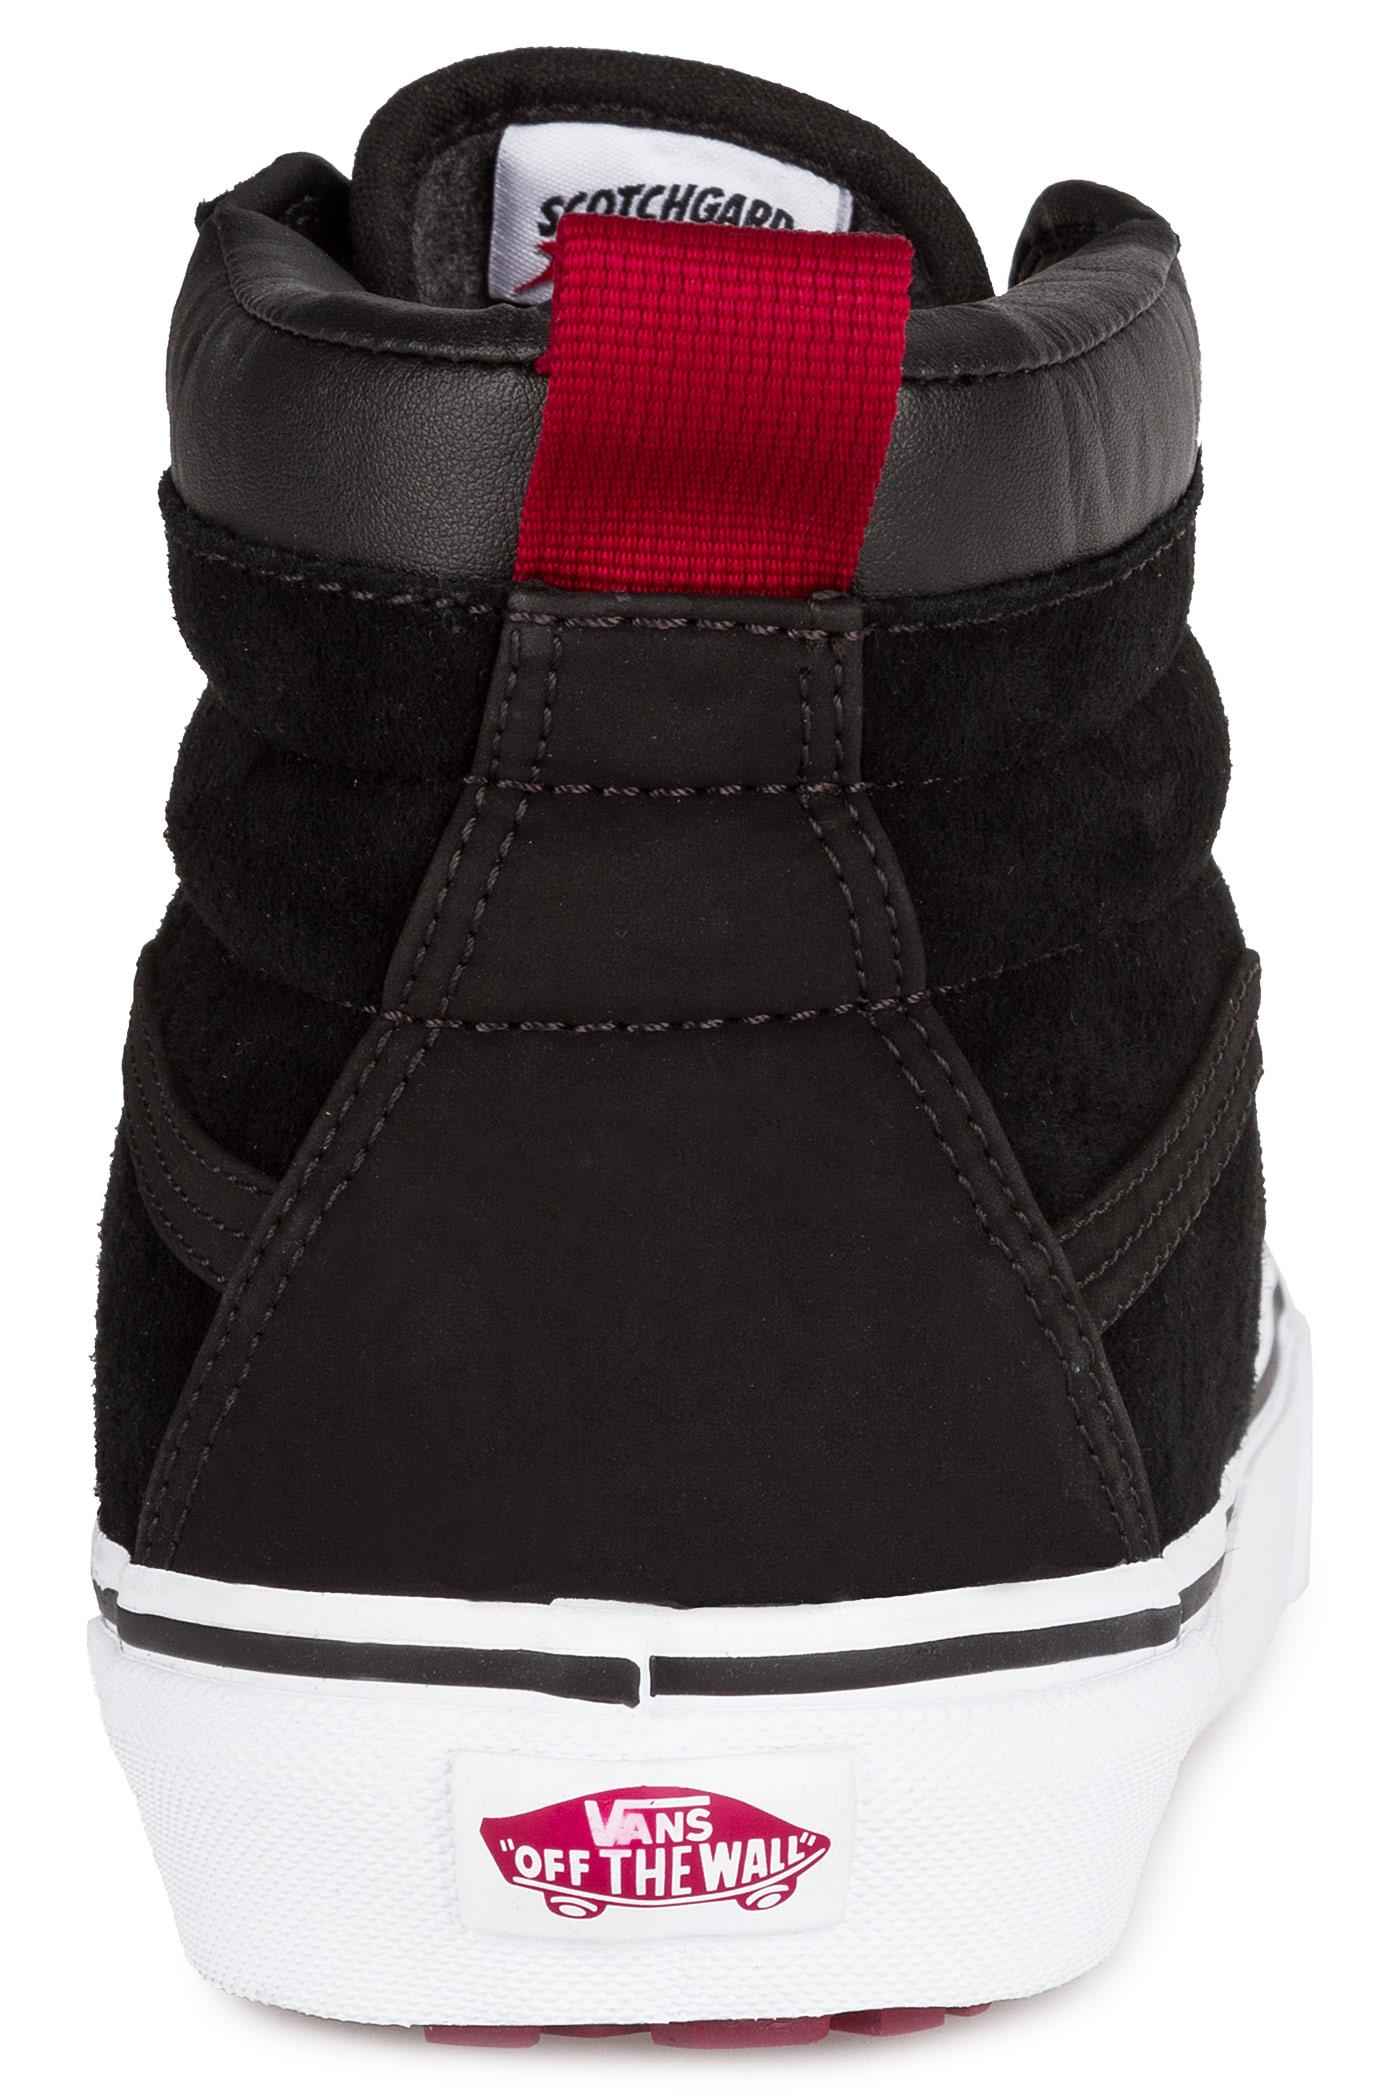 cd159a090b1 Vans Sk8-Hi MTE Shoe (black beet red) buy at skatedeluxe